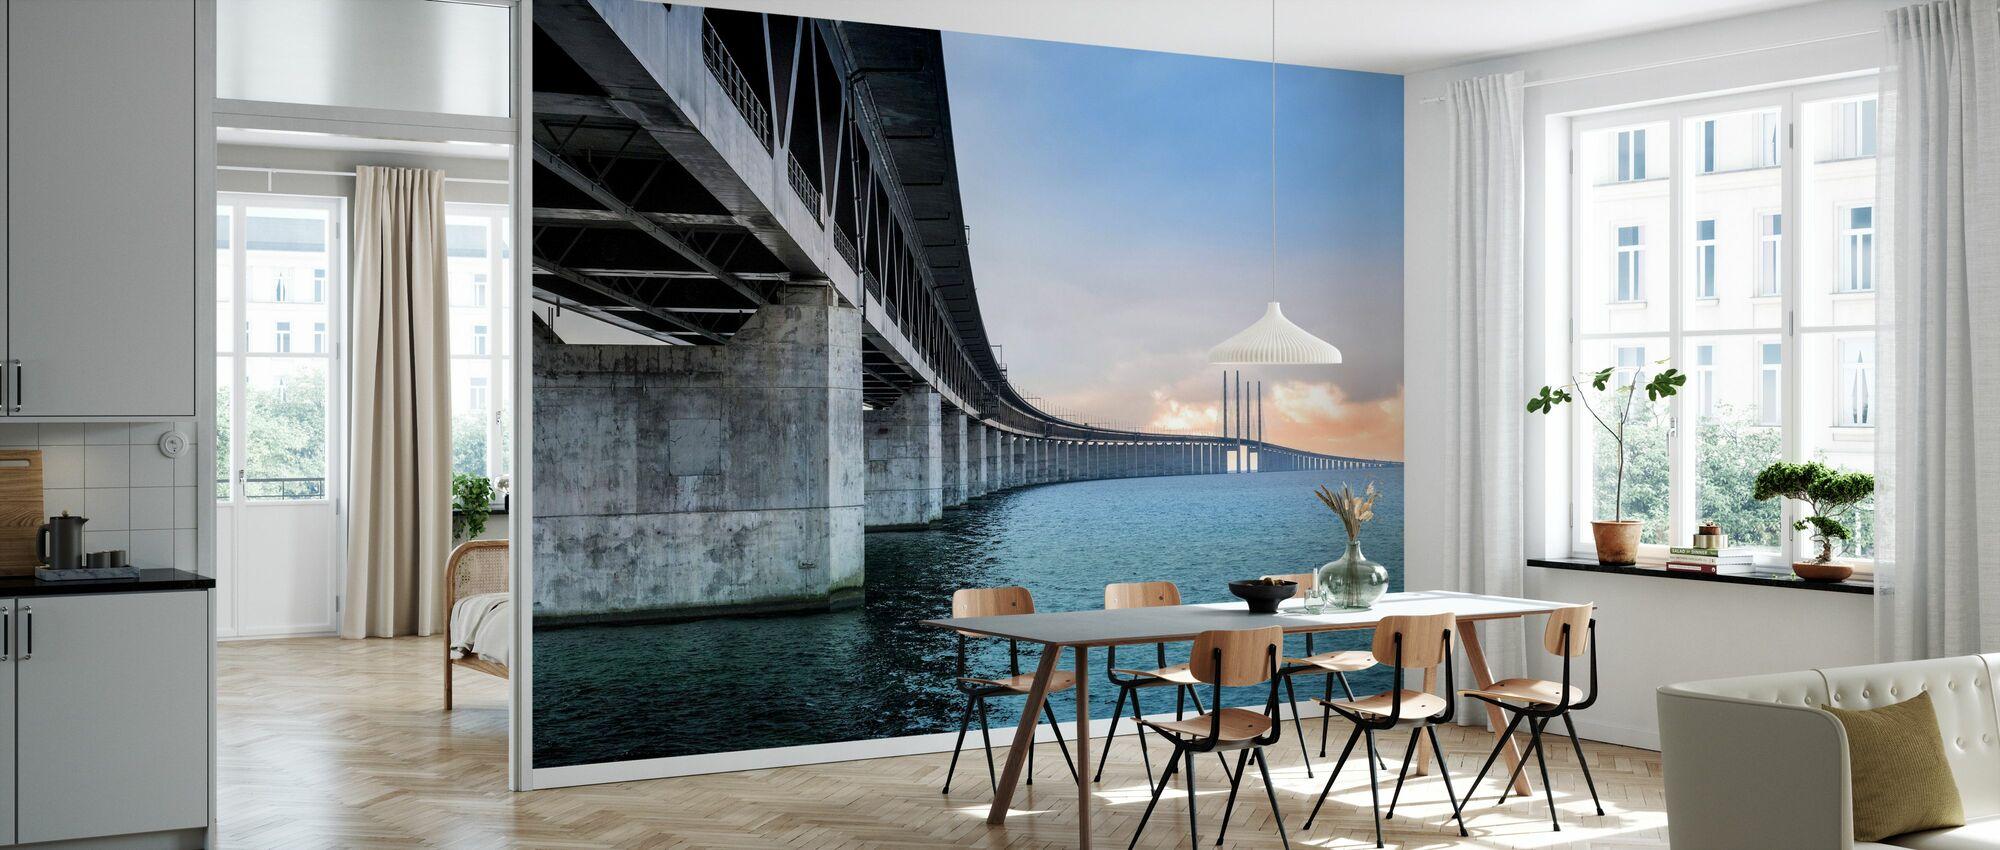 Oresund Bridge - Wallpaper - Kitchen